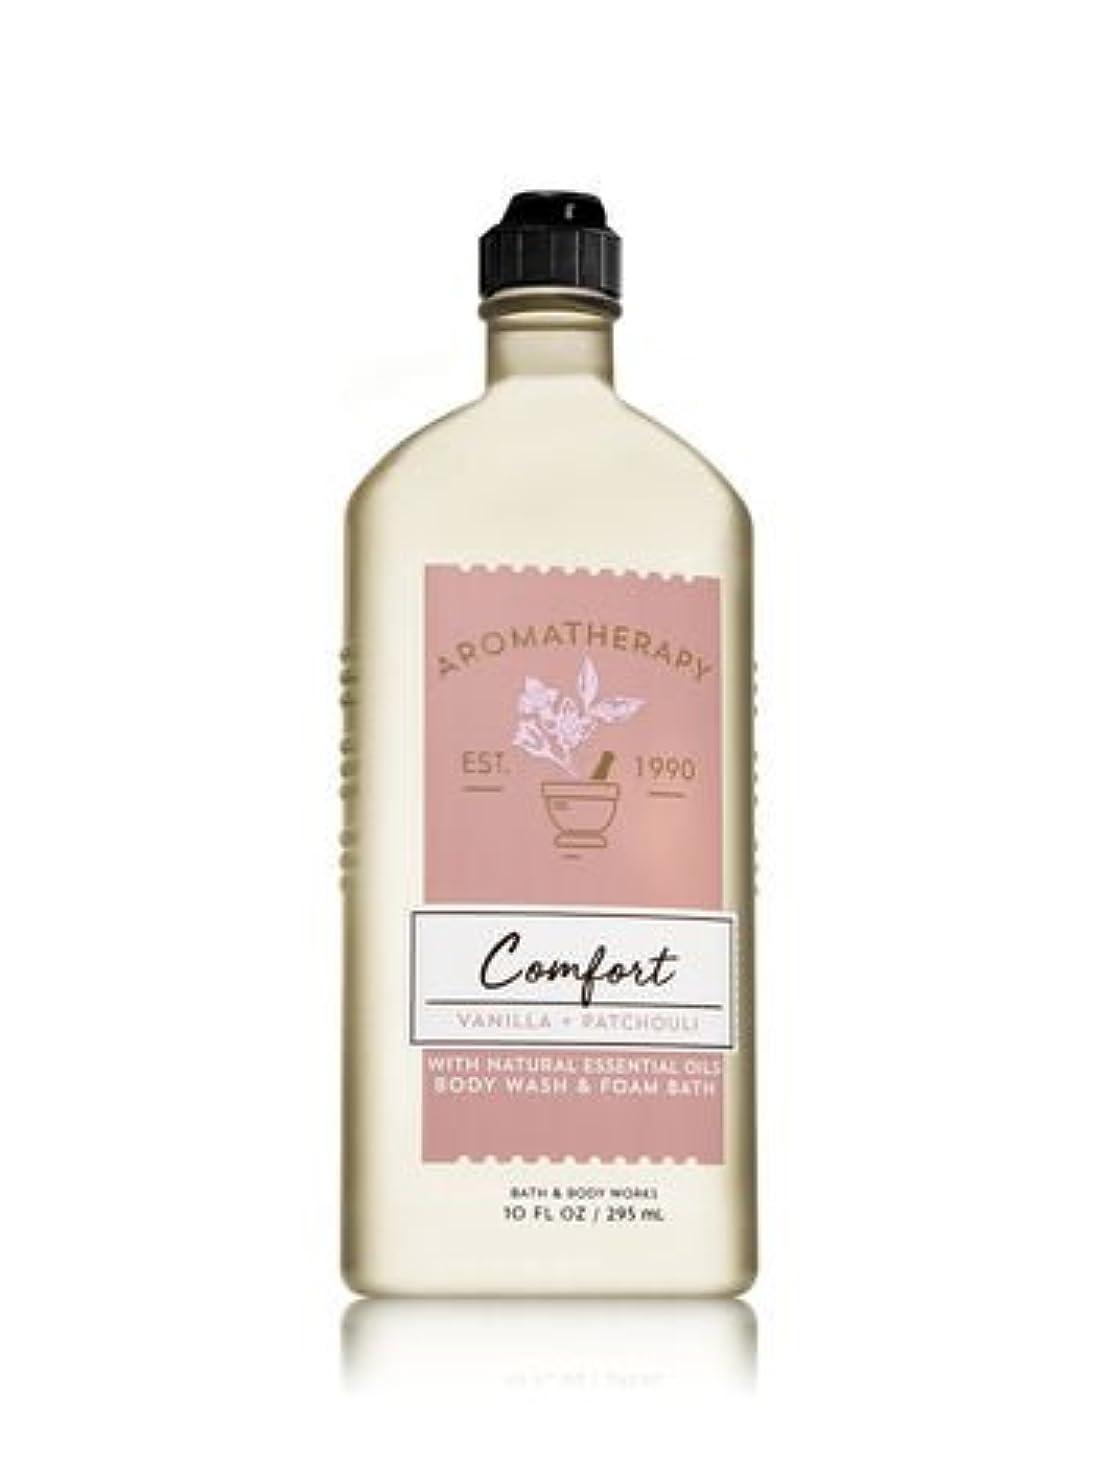 却下する意識長さ【Bath&Body Works/バス&ボディワークス】 ボディウォッシュ&フォームバス アロマセラピー コンフォート バニラパチョリ Body Wash & Foam Bath Aromatherapy Comfort...